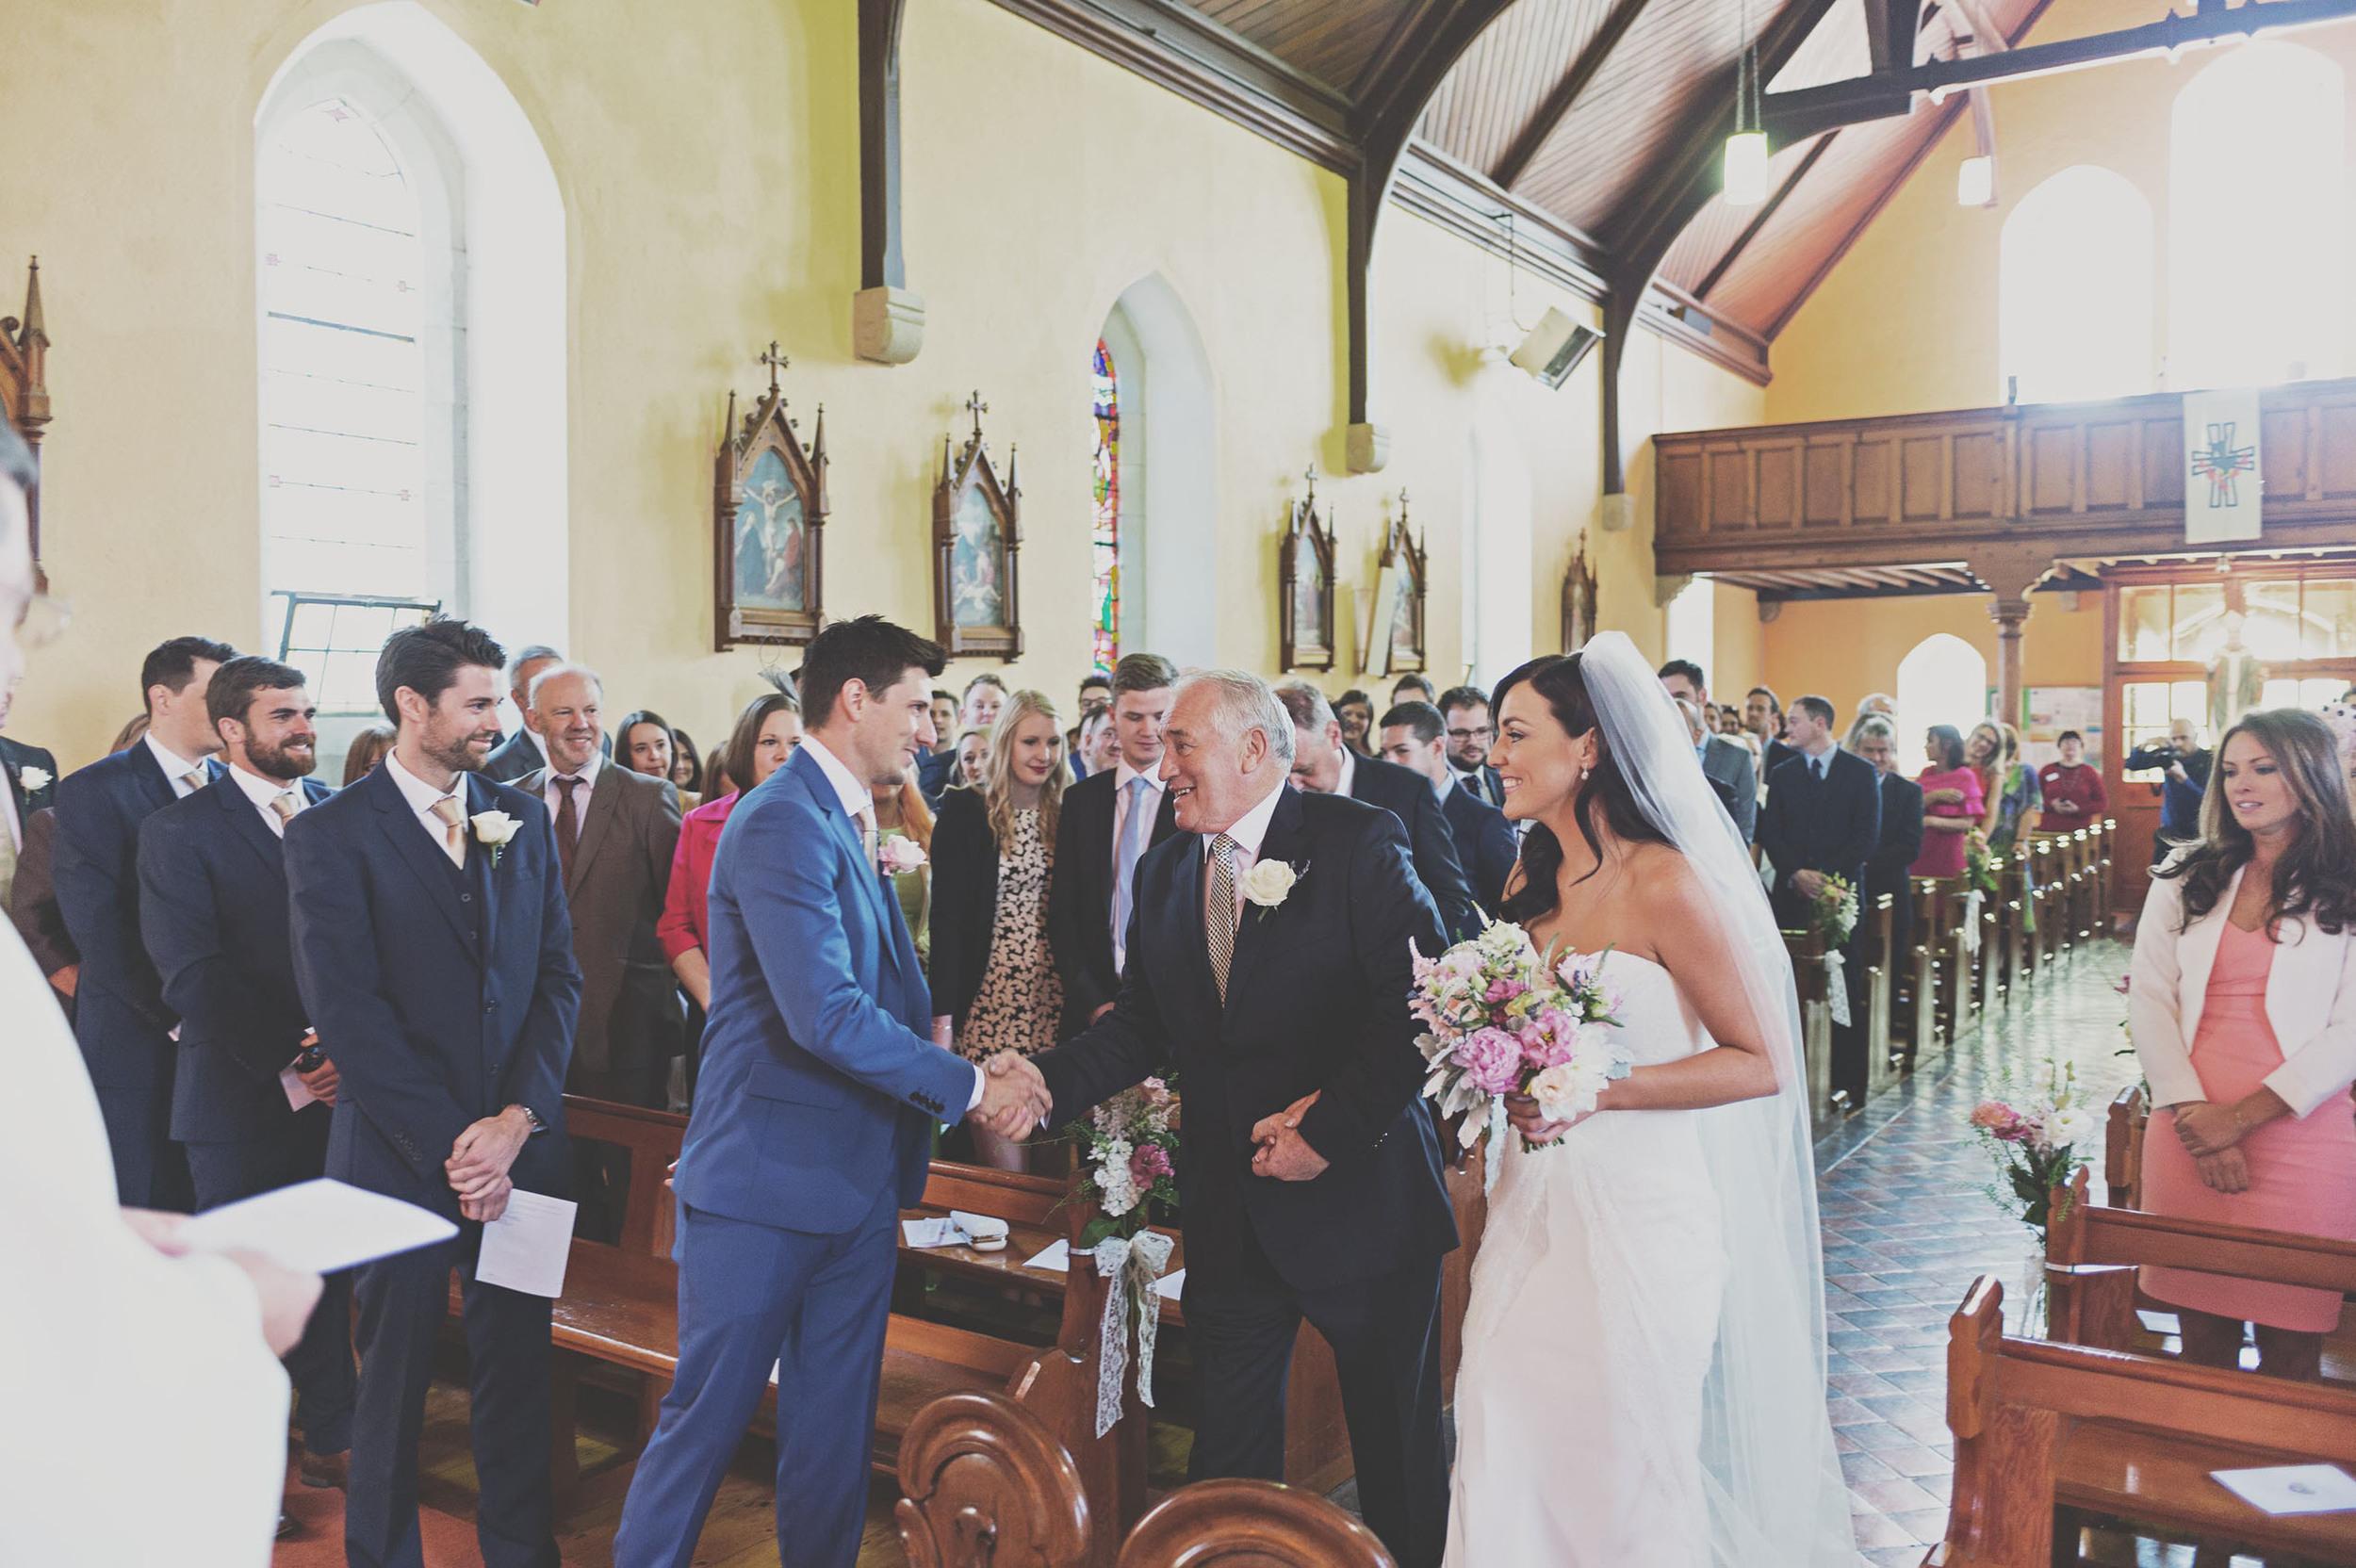 Julie & Matt's Seafield Wedding by Studio33weddings 036.jpg